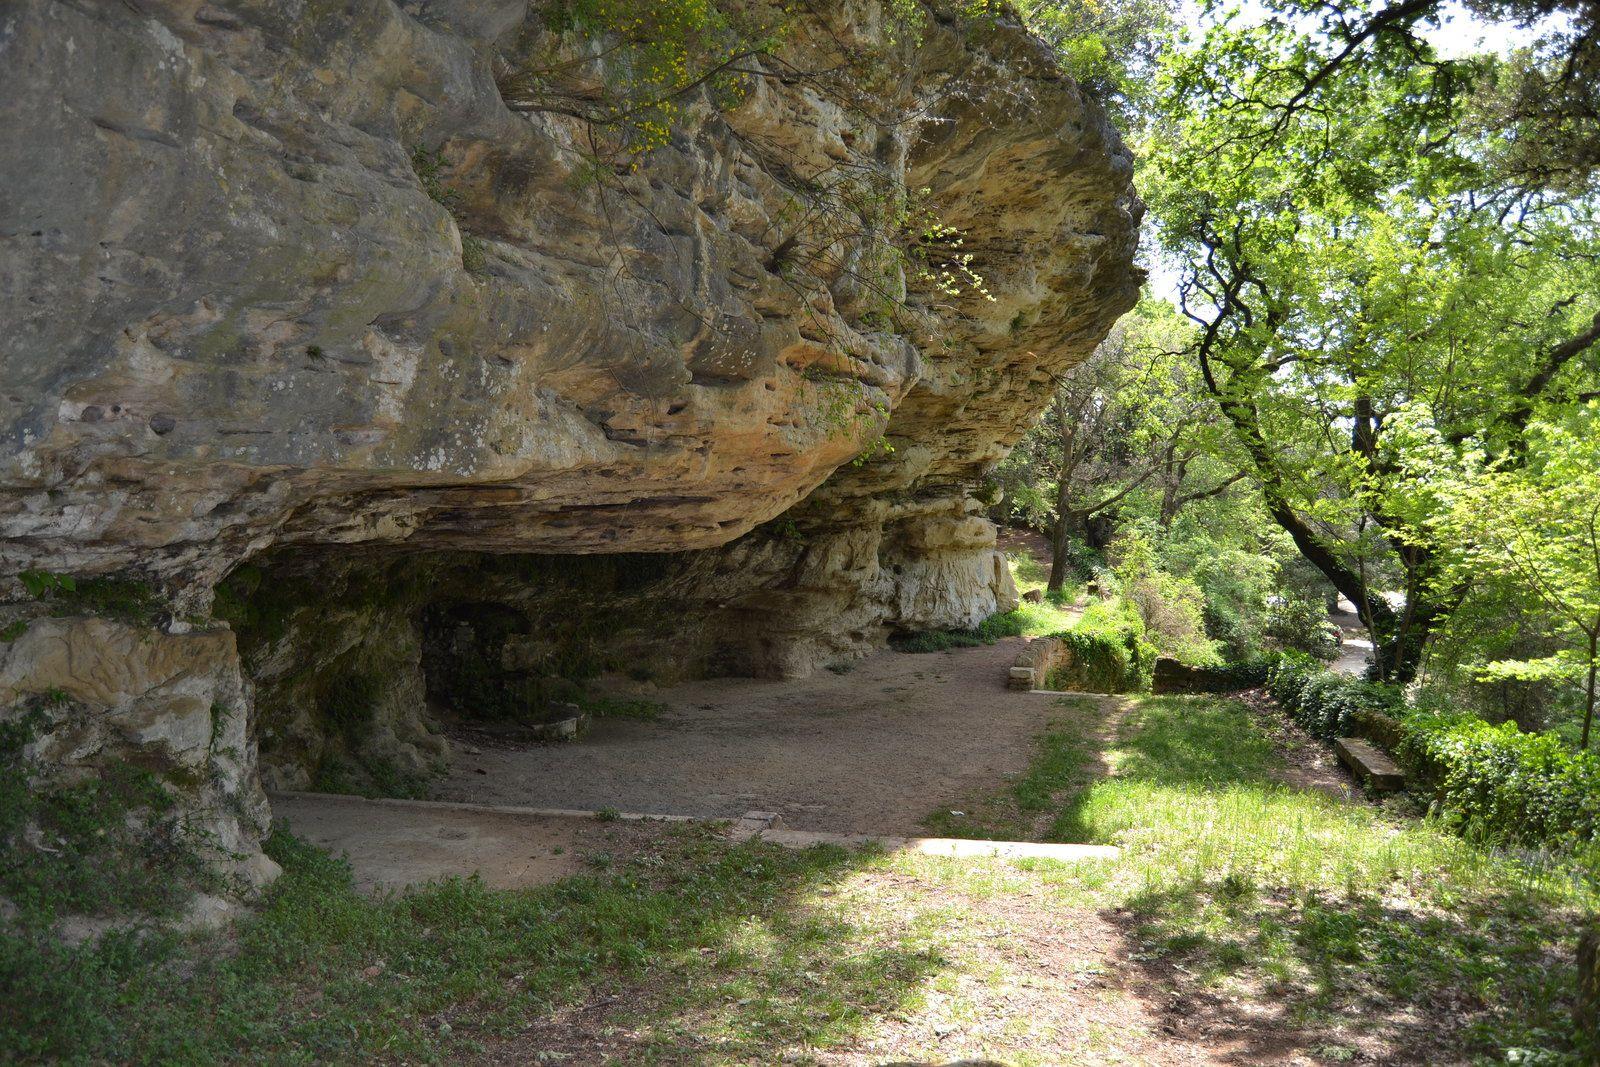 Située à environ 500 mètres du village de Grignan, une avancée de rocher devient « la roche courbée » ou Rochecourbière, lieu aménagé au XVIIe siècle par le comte François de Grignan.